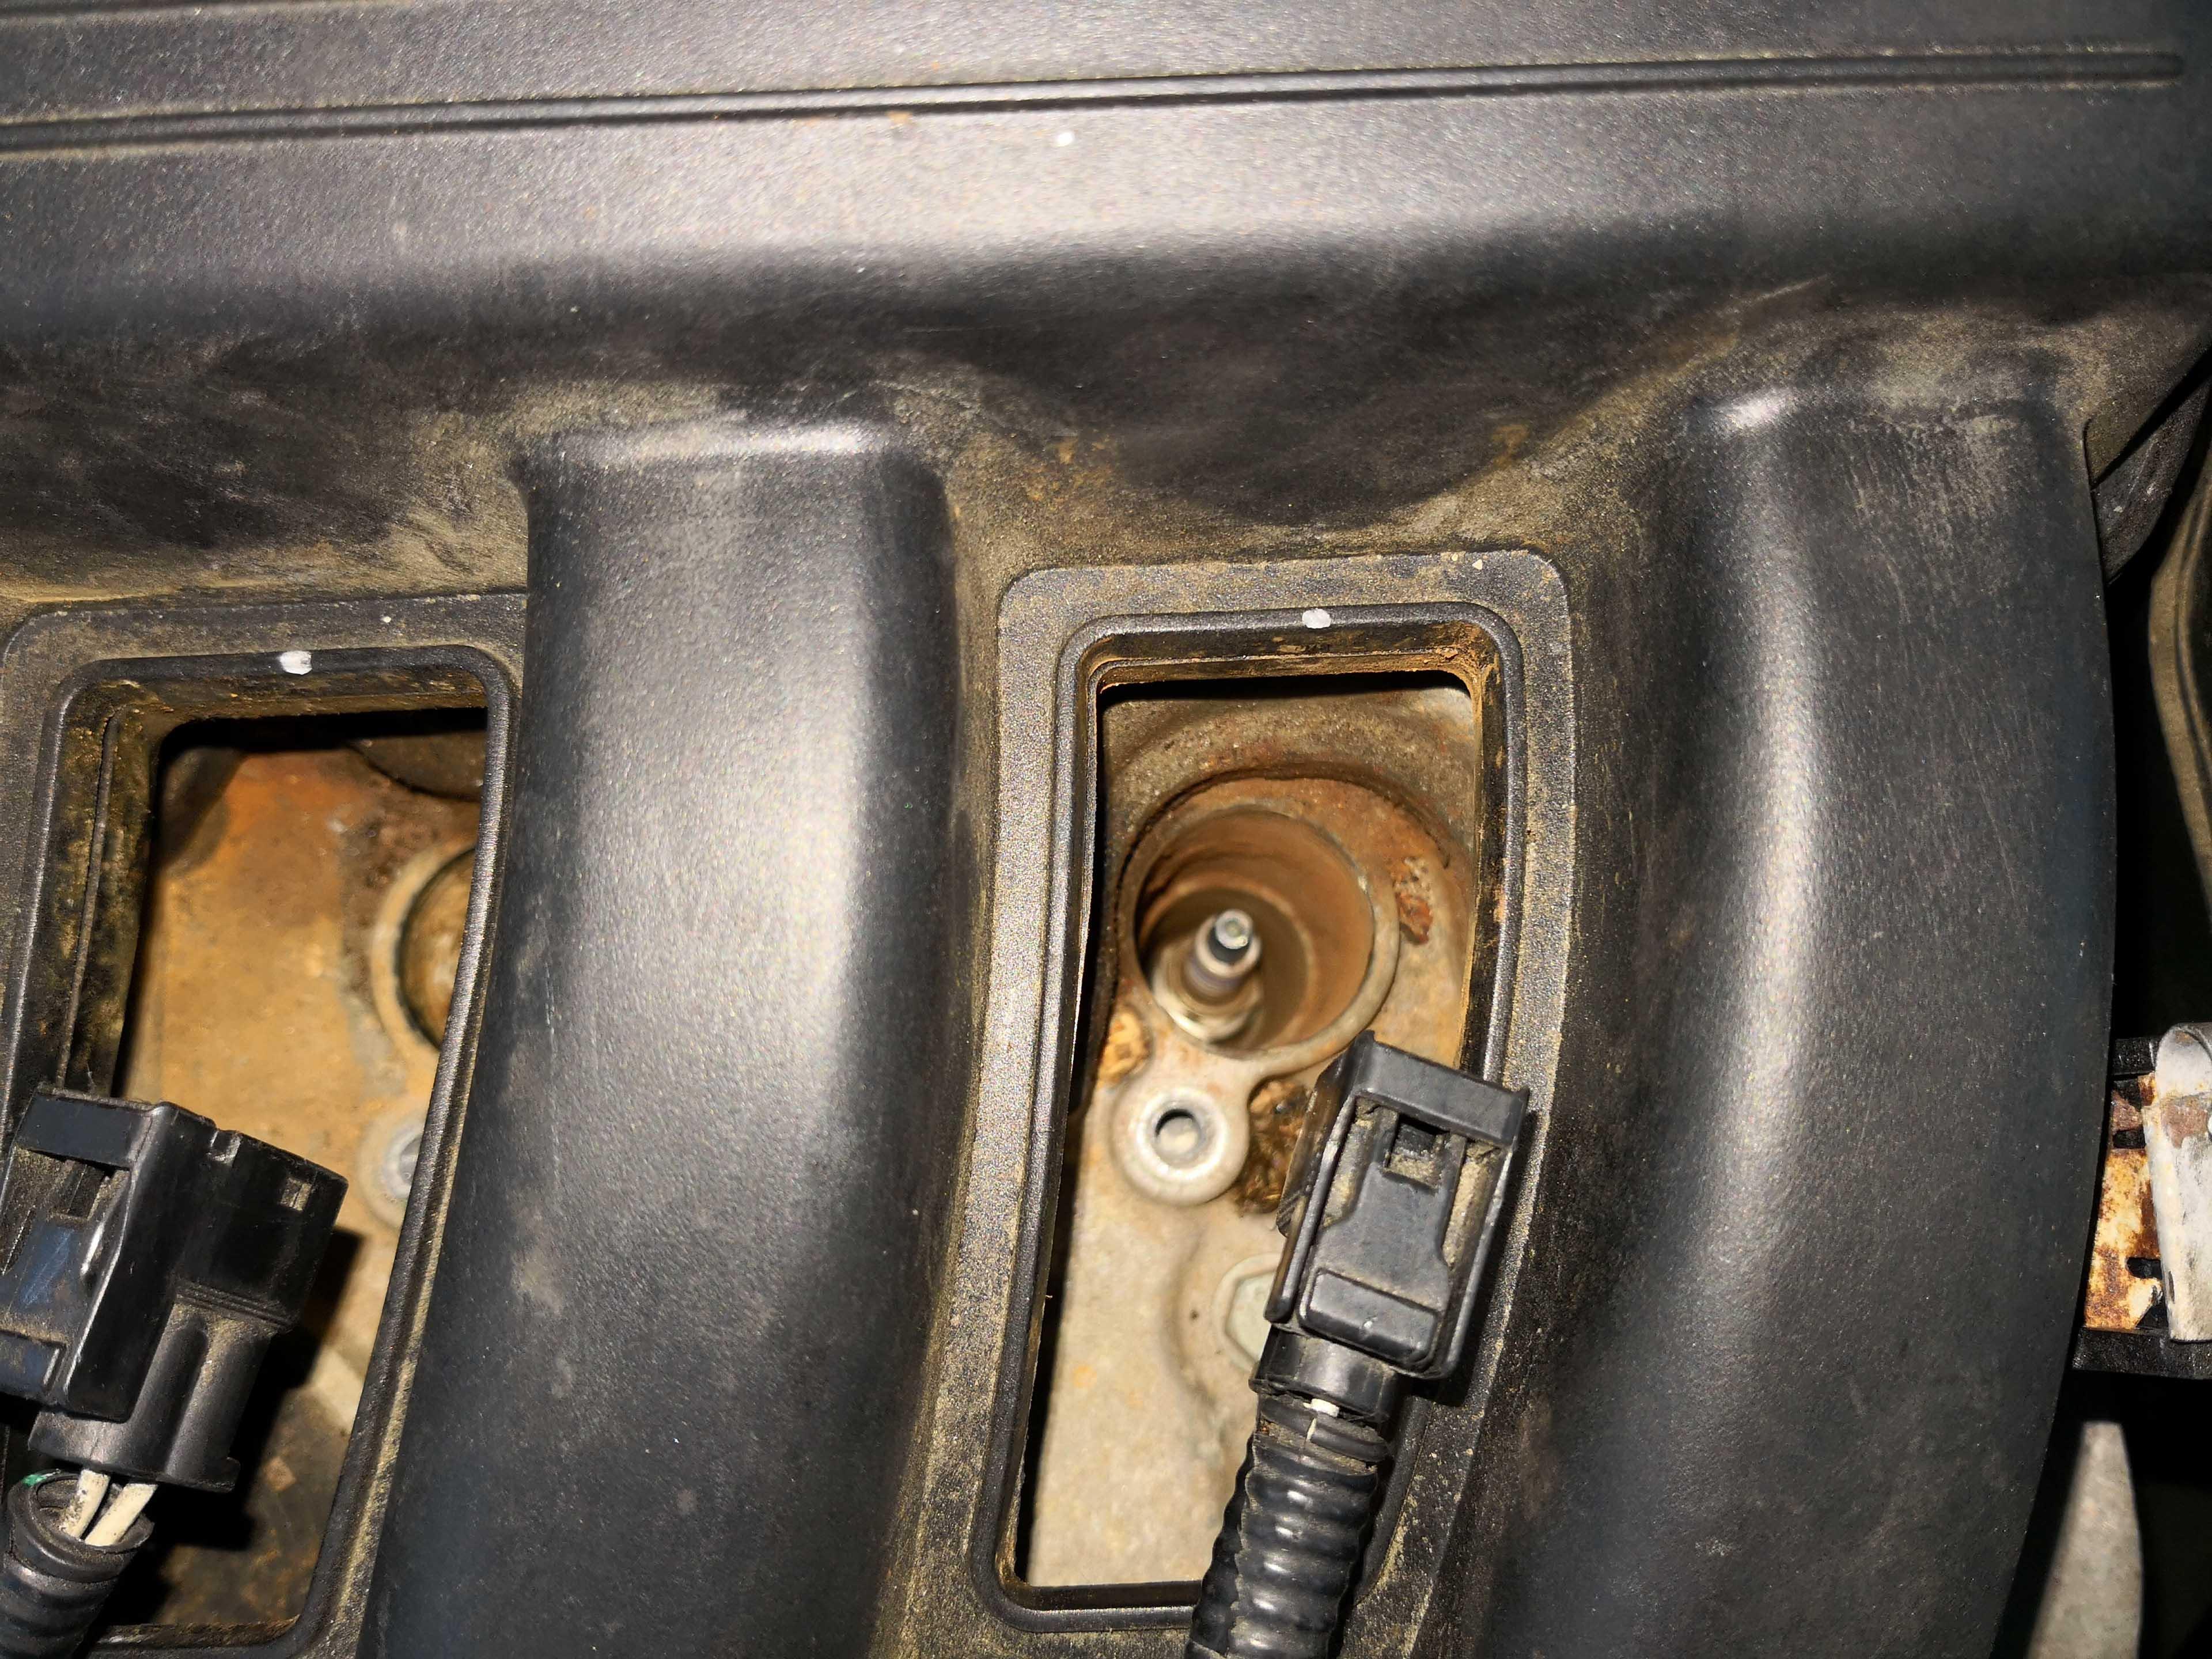 démarrage à froid très difficile - Renault - Clio 2 ...